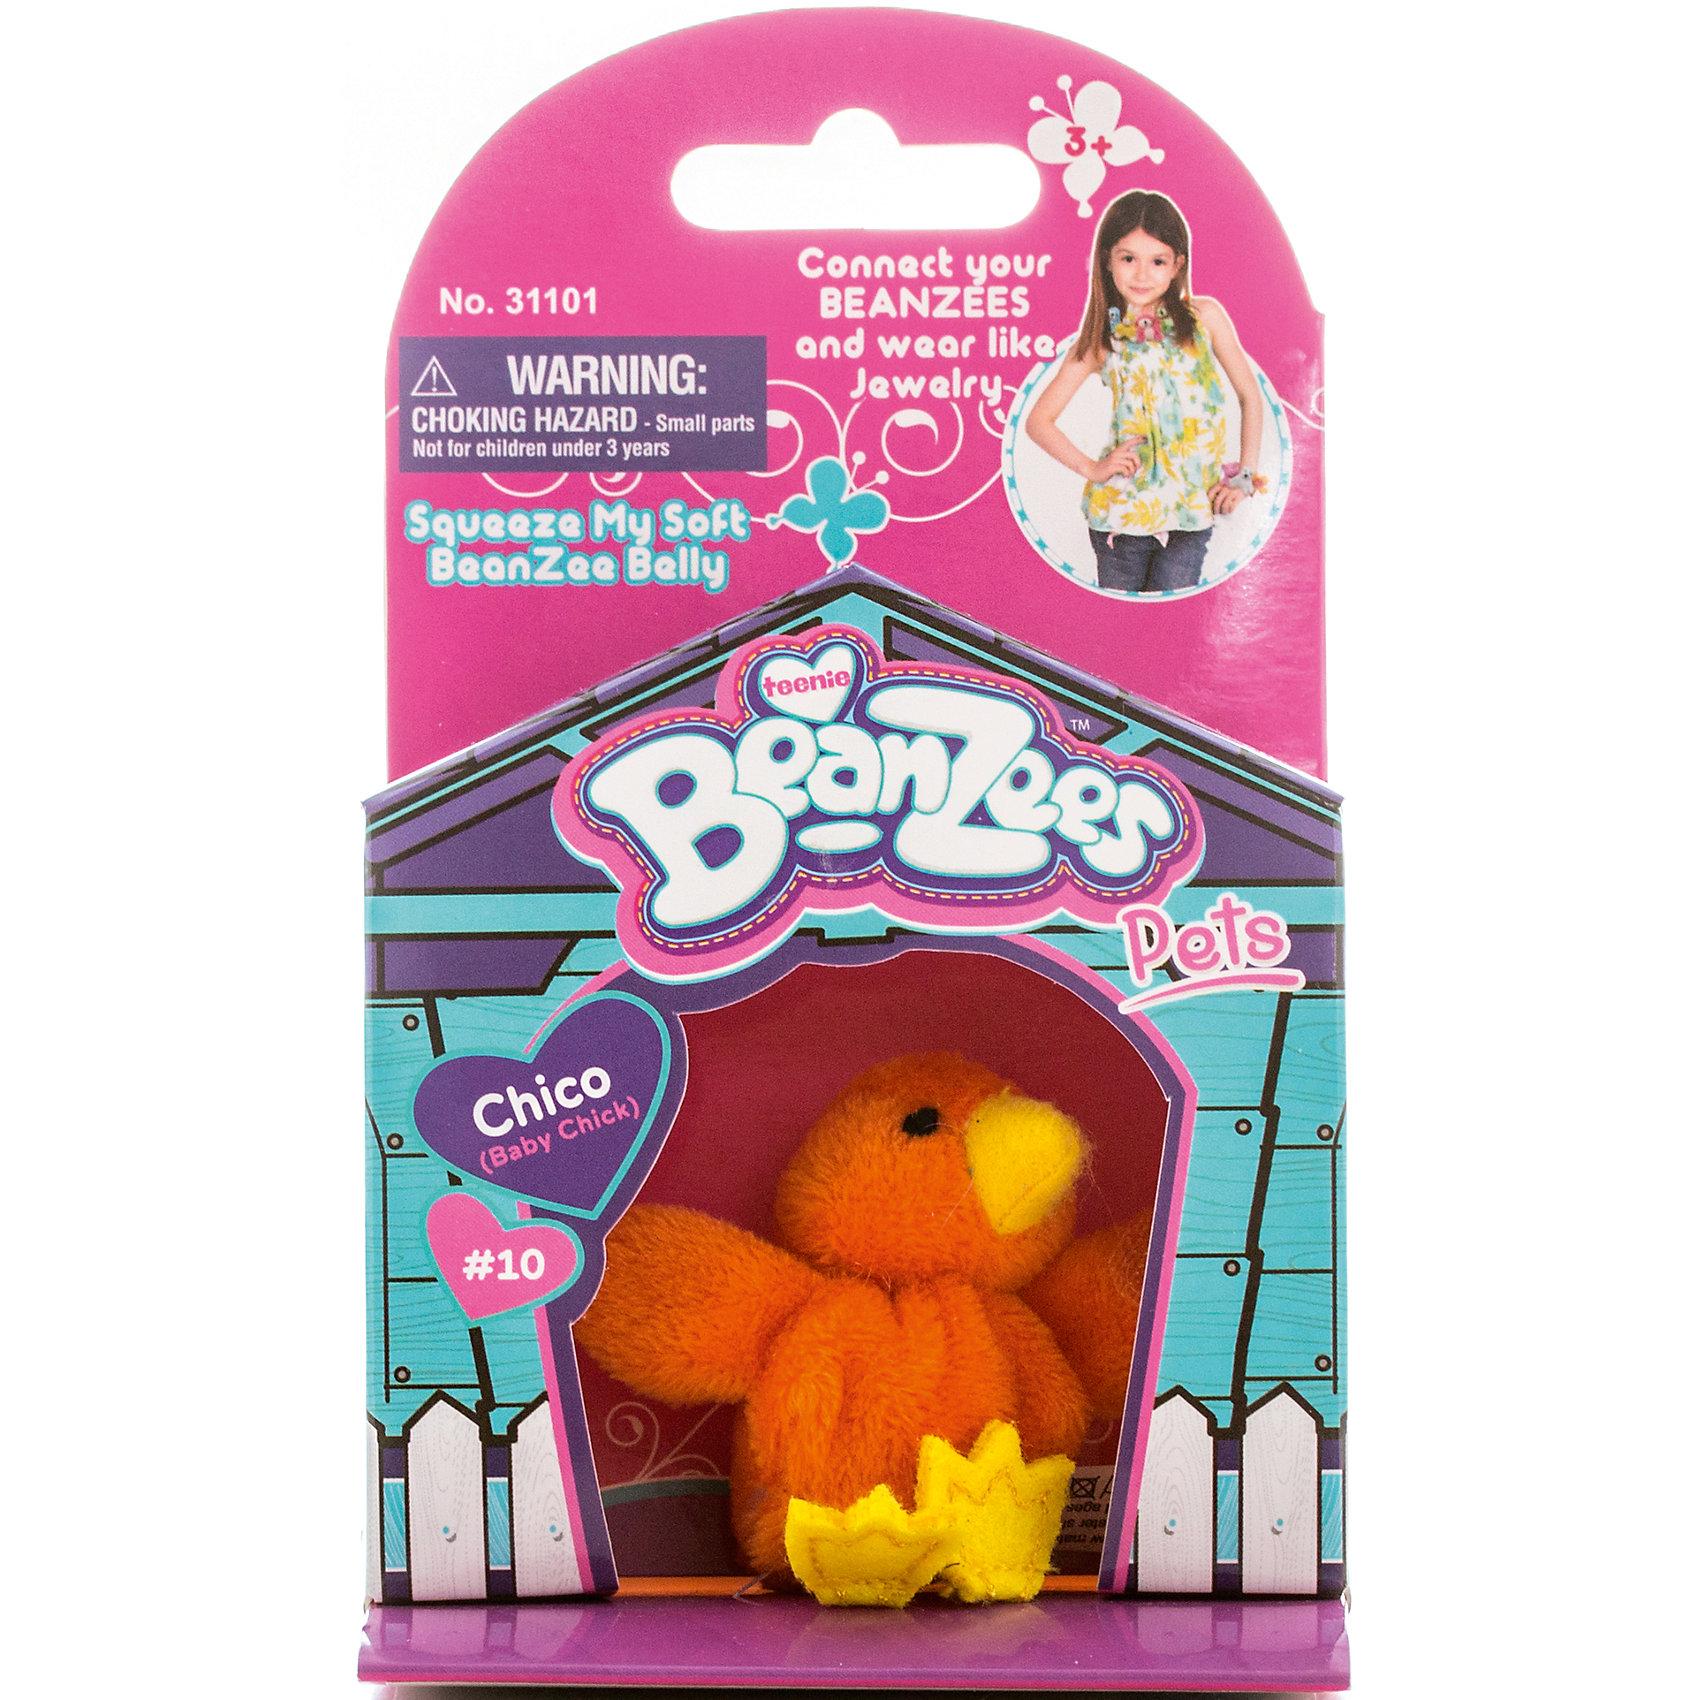 Мини-плюш Циплёнок, BeanzeezХарактеристики товара:<br><br>• особенности: наличие на лапках липучек, игрушку можно соединять с другими героями из серии<br>• материал: пластик, текстиль<br>• размер упаковки: 9х5,5х14,5 см.<br>• высота игрушки: 5 см<br>• возраст: от 3 лет<br>• страна бренда: США<br>• страна производства: Китай<br><br>Такая симпатичная игрушка не оставит ребенка равнодушным! Какой малыш откажется поиграть с маленькими плюшевыми игрушками из большой пушистой коллекции?! Игрушки очень качественно выполнены, поэтому такая фигурка станет отличным подарком ребенку. Благодаря липучкам на лапках животных можно соединить между собой. Дети приходят в восторг от этих игрушек!<br>Такие предметы помогают ребенку отрабатывать новые навыки и способности - развивать ловкость, мелкую моторику, воображение, мышление, логику. Изделие производится из качественных сертифицированных материалов, безопасных даже для самых маленьких.<br><br>Мини-плюш Цыплёнок от бренда Beanzeez можно купить в нашем интернет-магазине.<br><br>Ширина мм: 50<br>Глубина мм: 140<br>Высота мм: 85<br>Вес г: 73<br>Возраст от месяцев: 36<br>Возраст до месяцев: 2147483647<br>Пол: Женский<br>Возраст: Детский<br>SKU: 5218684